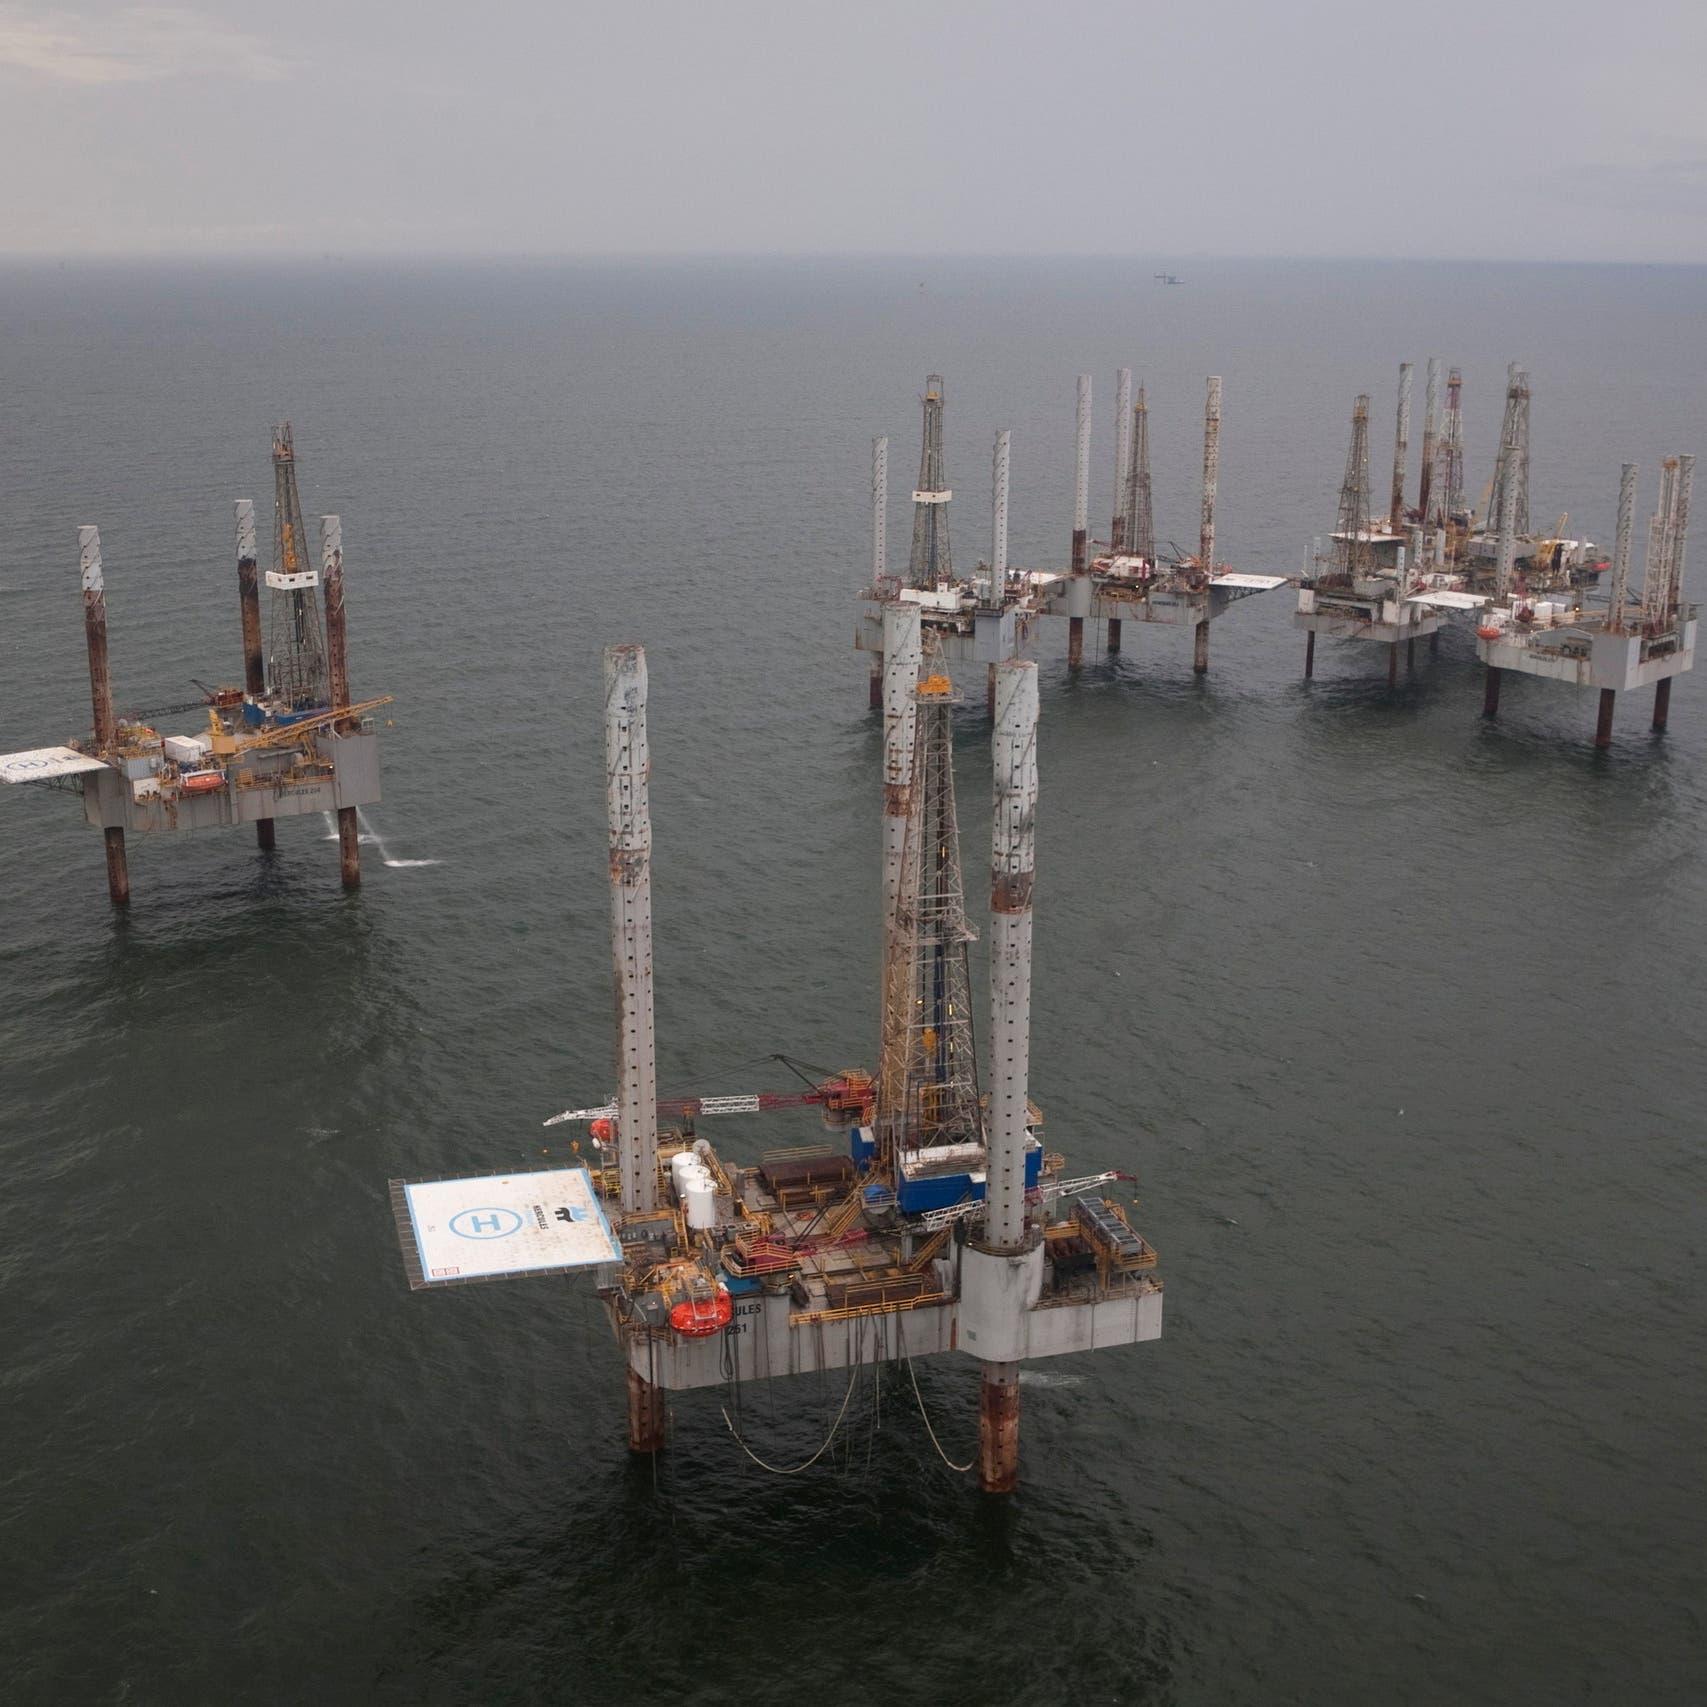 النفط يستأنف الصعود مع استمرار ضغط إعصار آيدا على الإمدادات